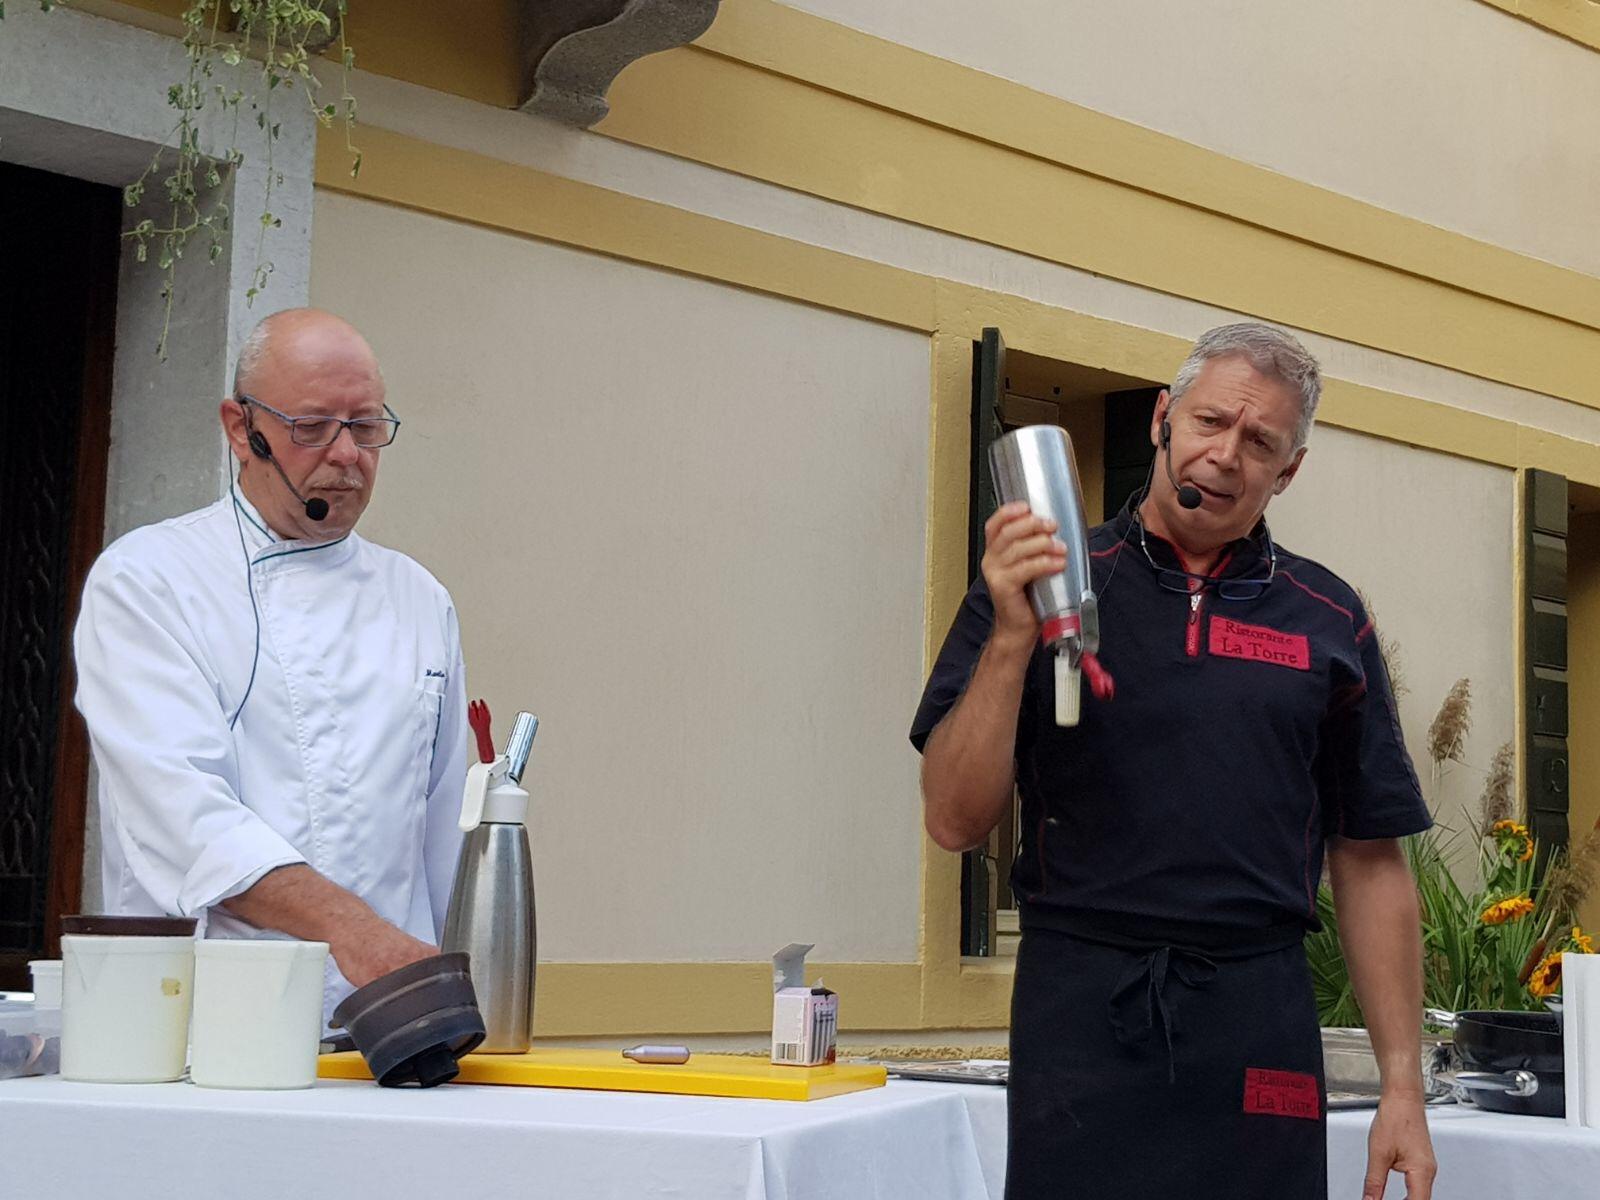 Figomoro showcooking di Manlio Signora e Marco Talamini